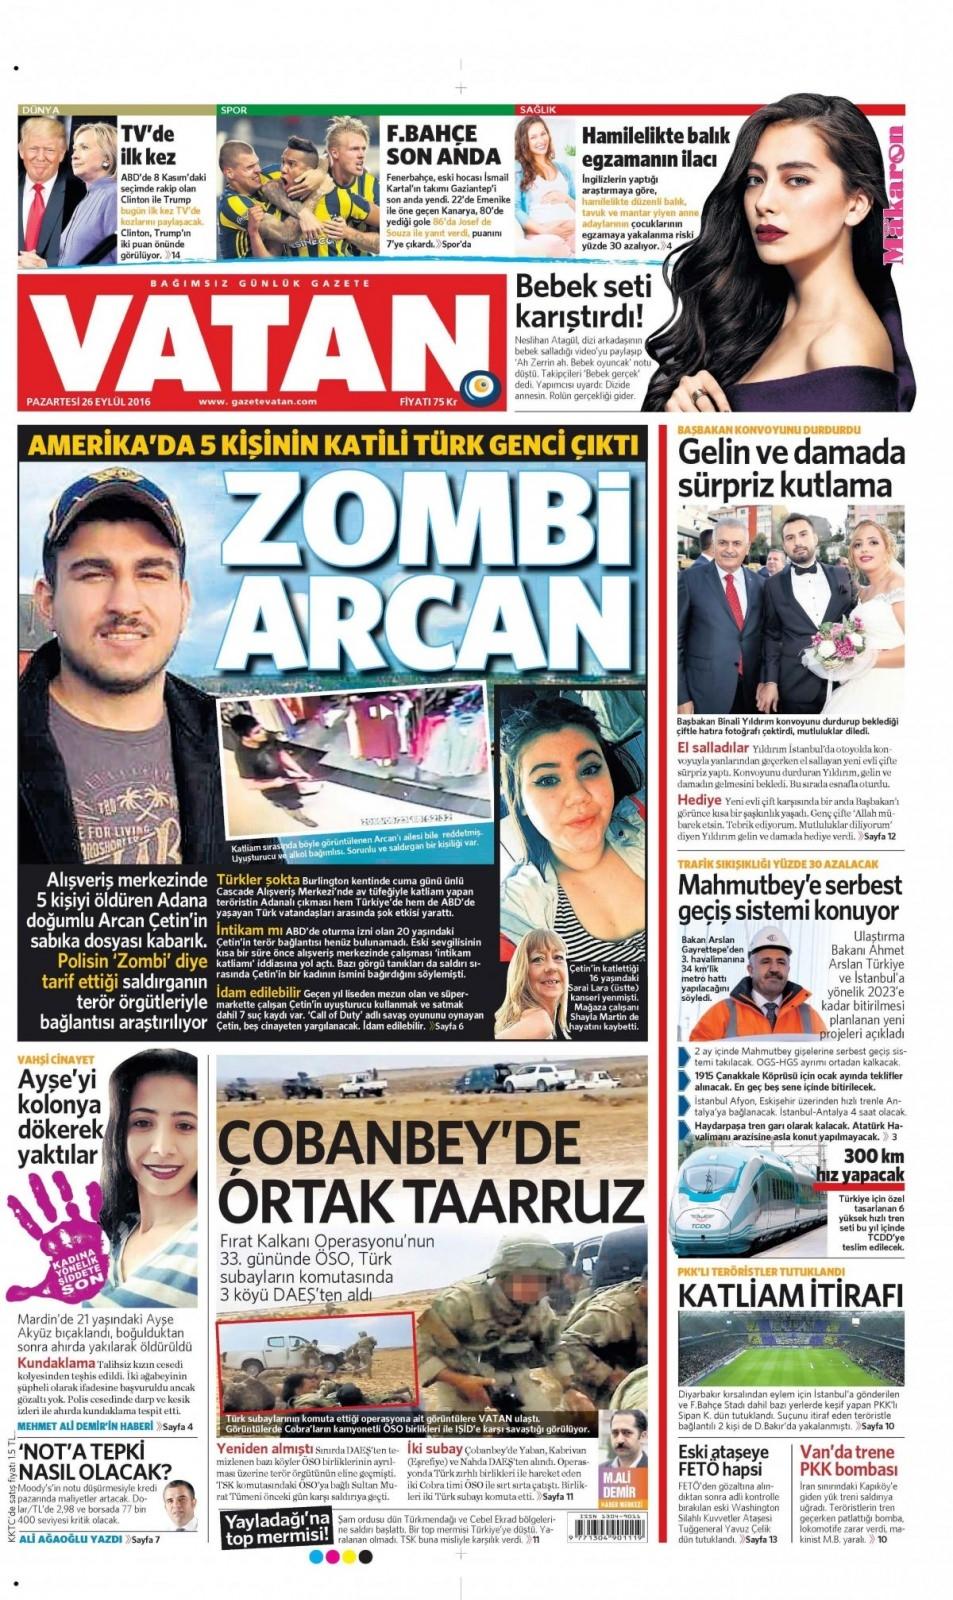 26 Eylül Pazartesi gazete manşetleri 12